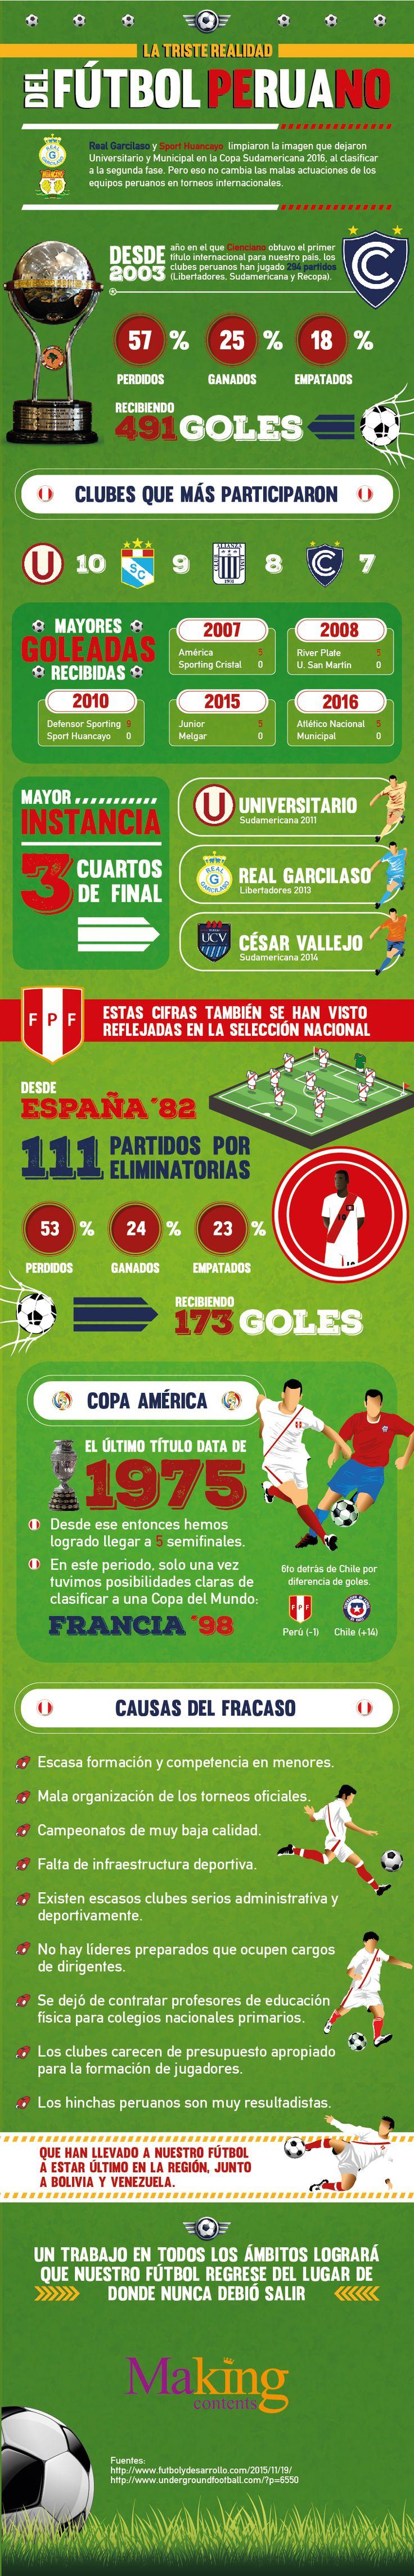 La triste realidad del fútbol peruano en competencias internacionales